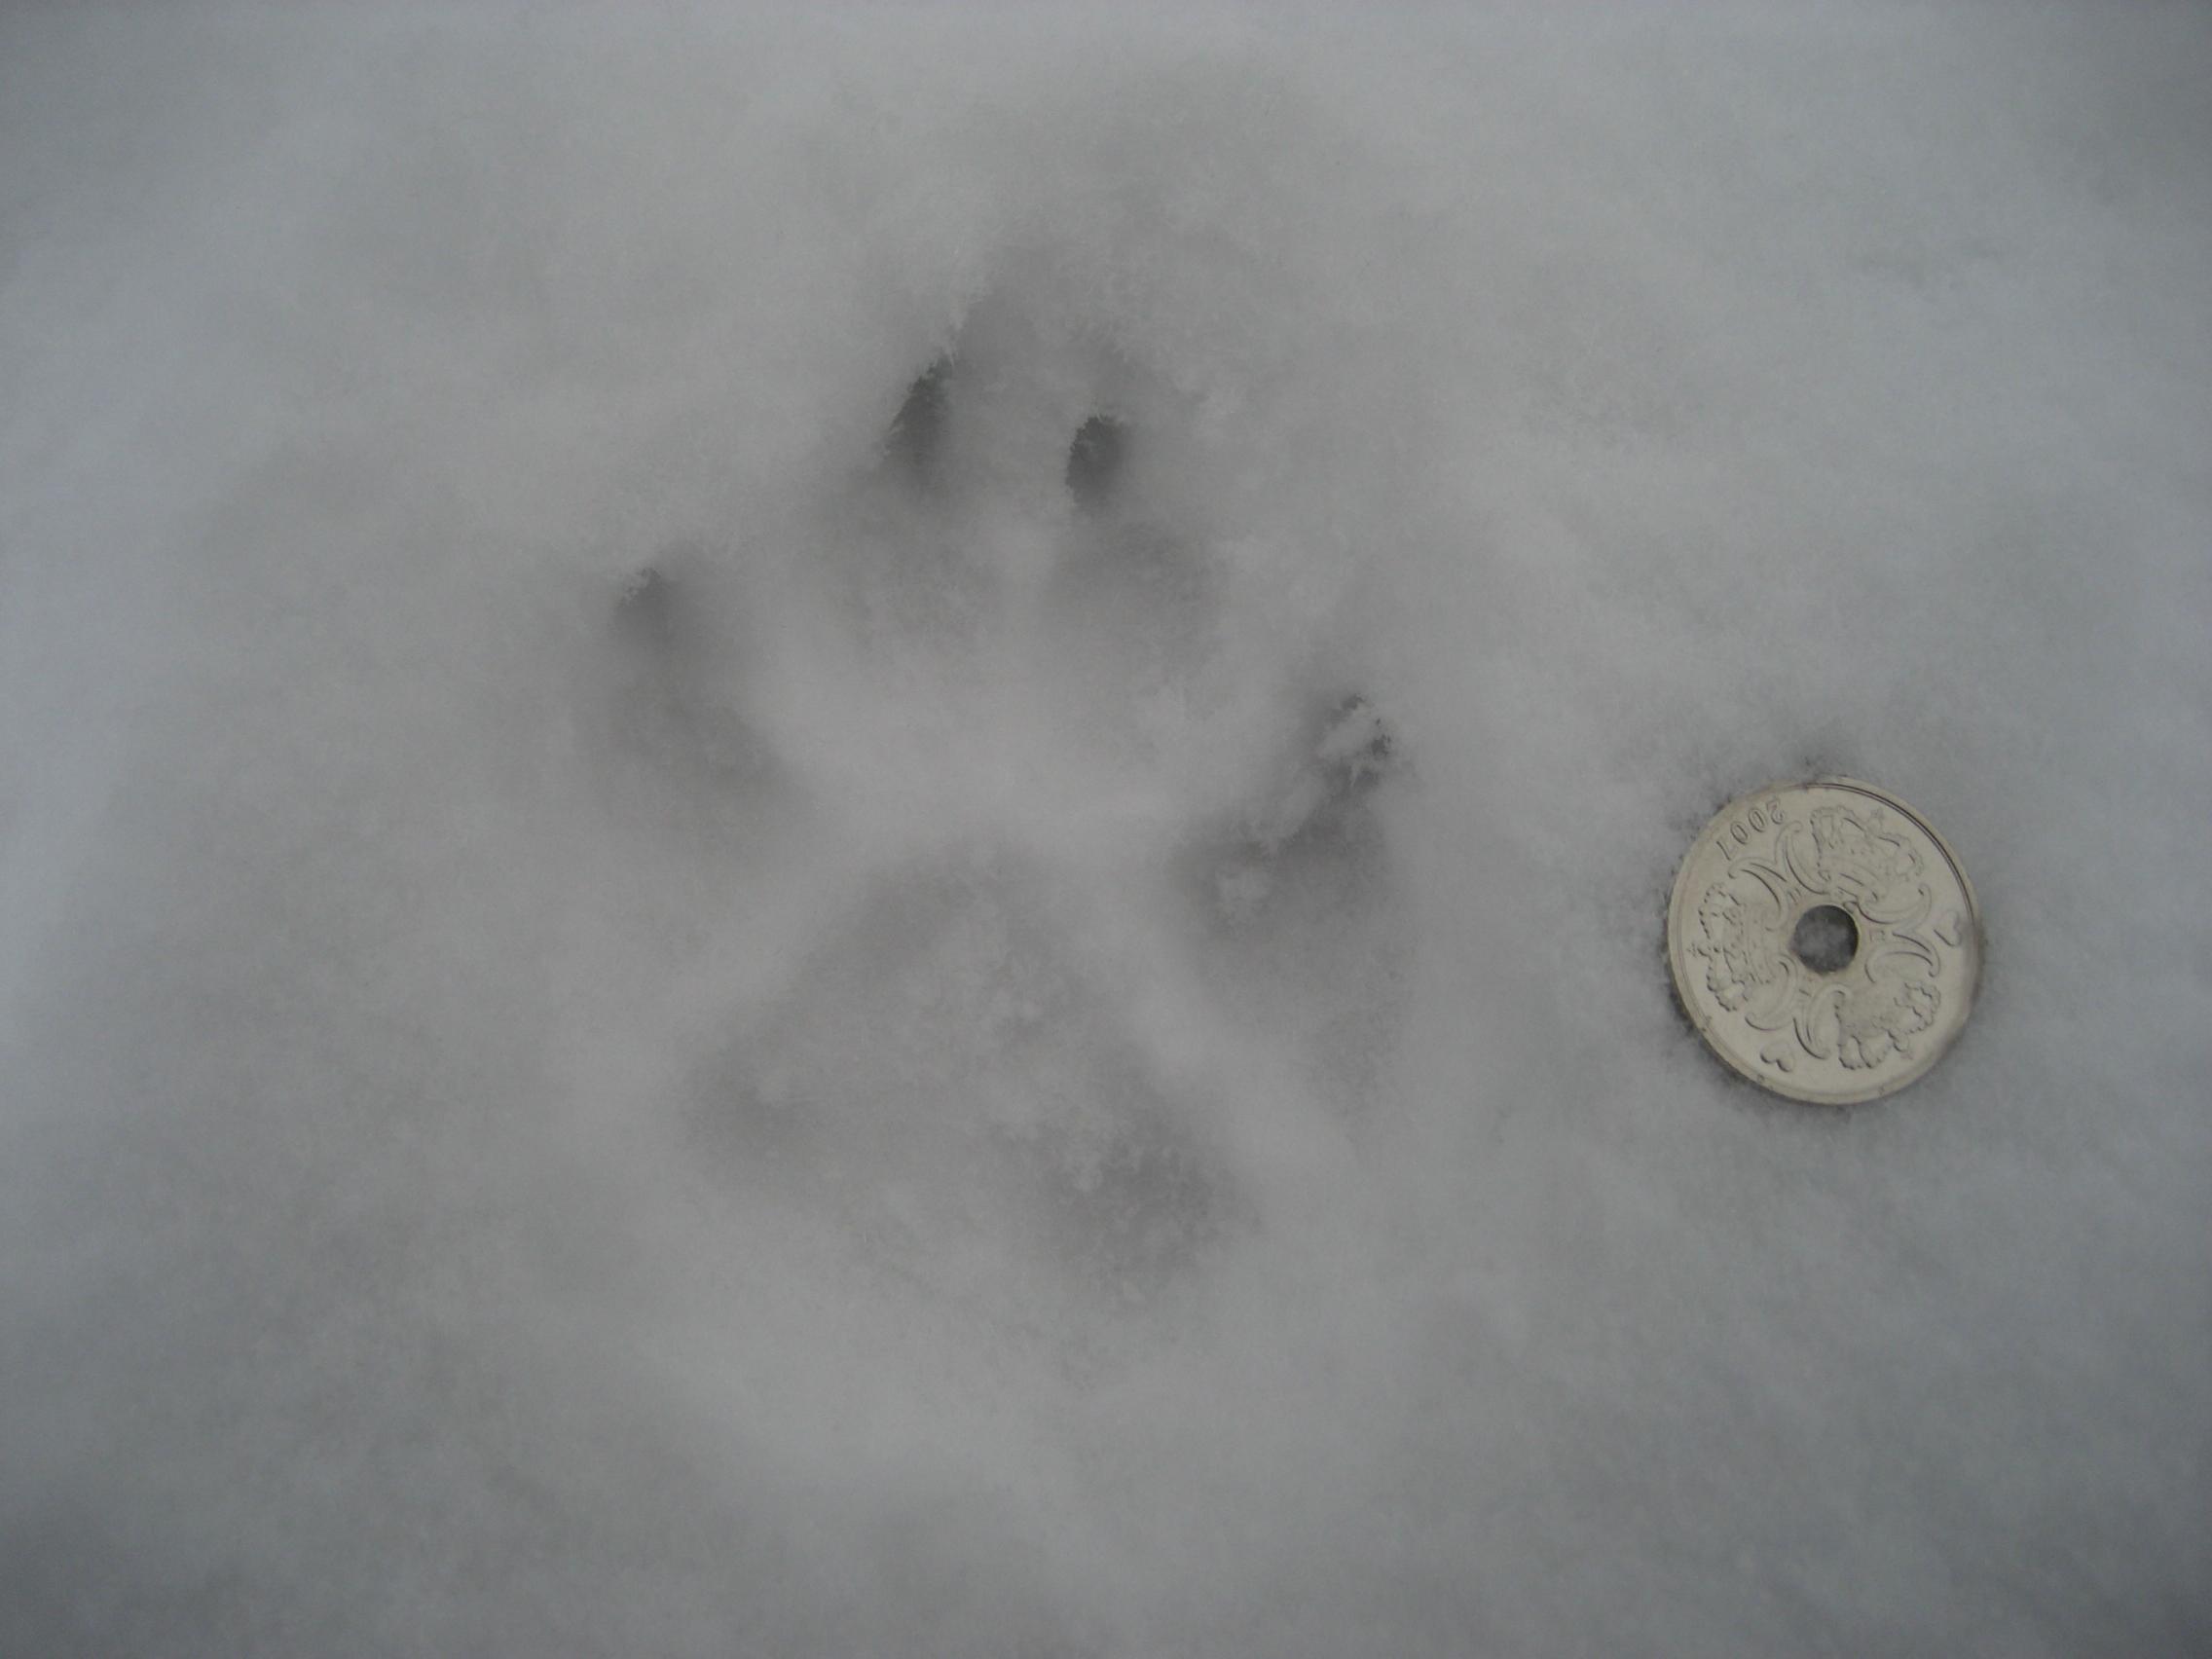 rævespor i sne.jpg